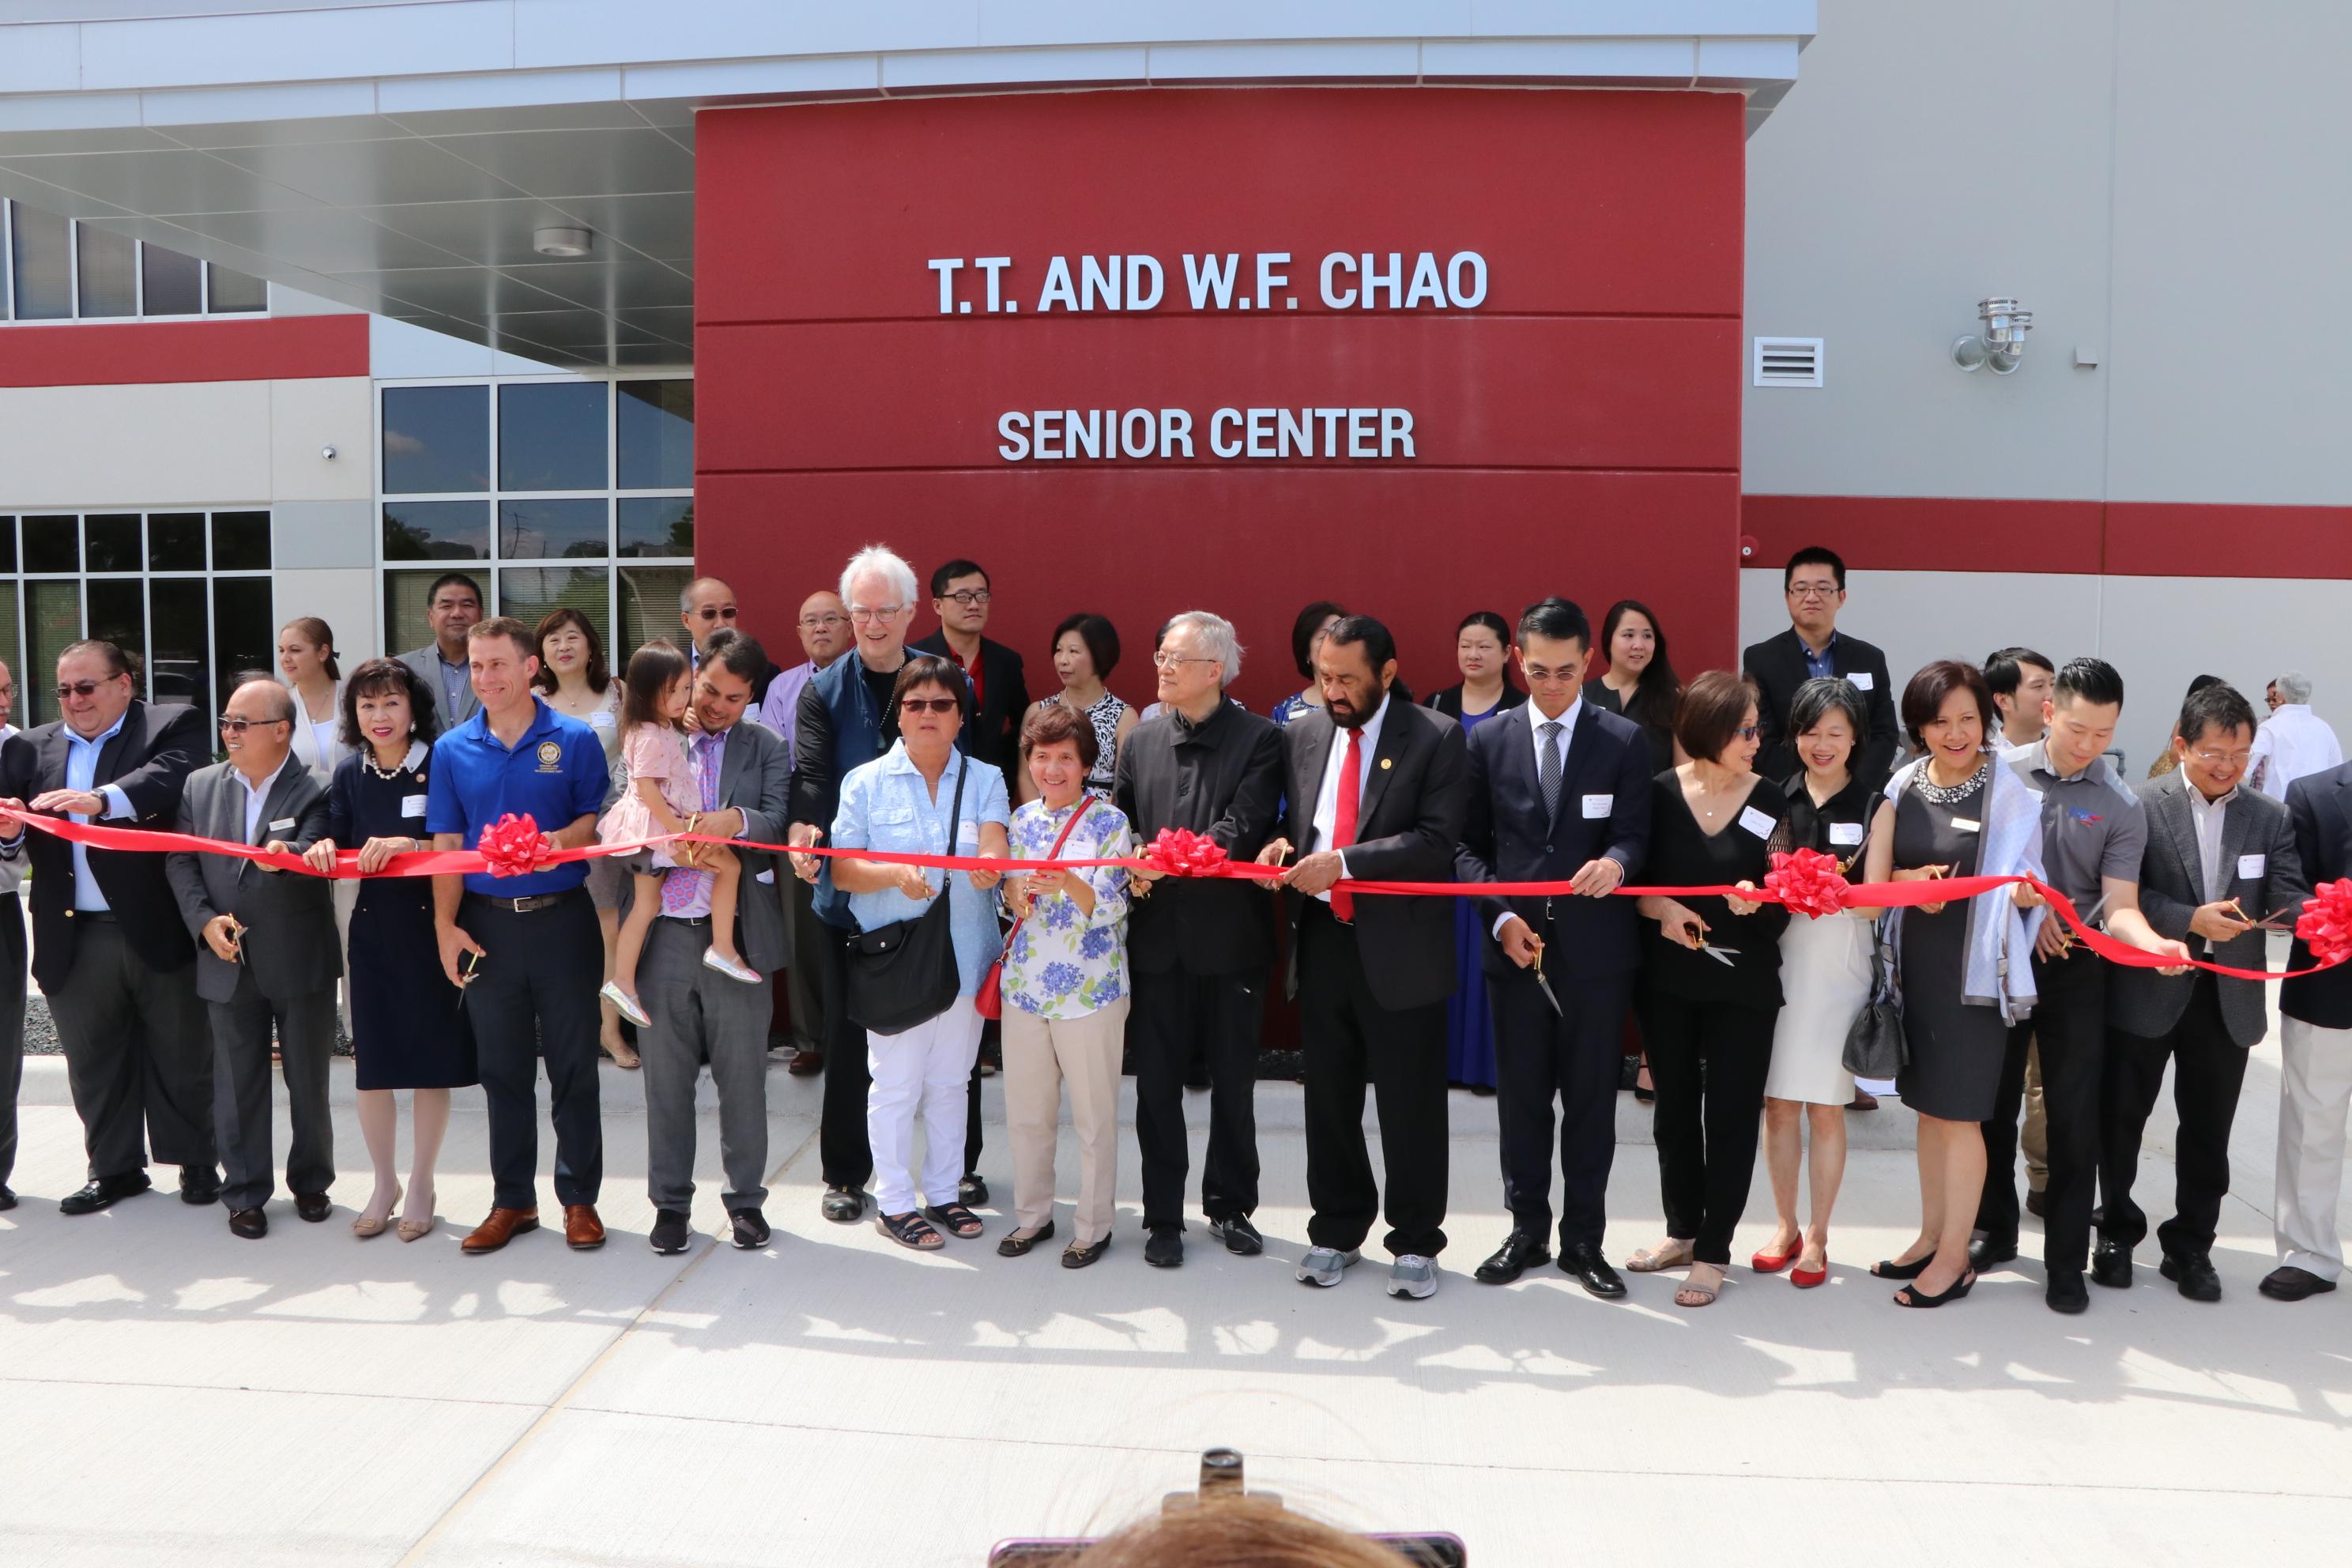 與會來賓共同為新建的T.T. and W.F. Chao年長者活動中心大樓開幕剪綵。(記者封昌明/攝影)